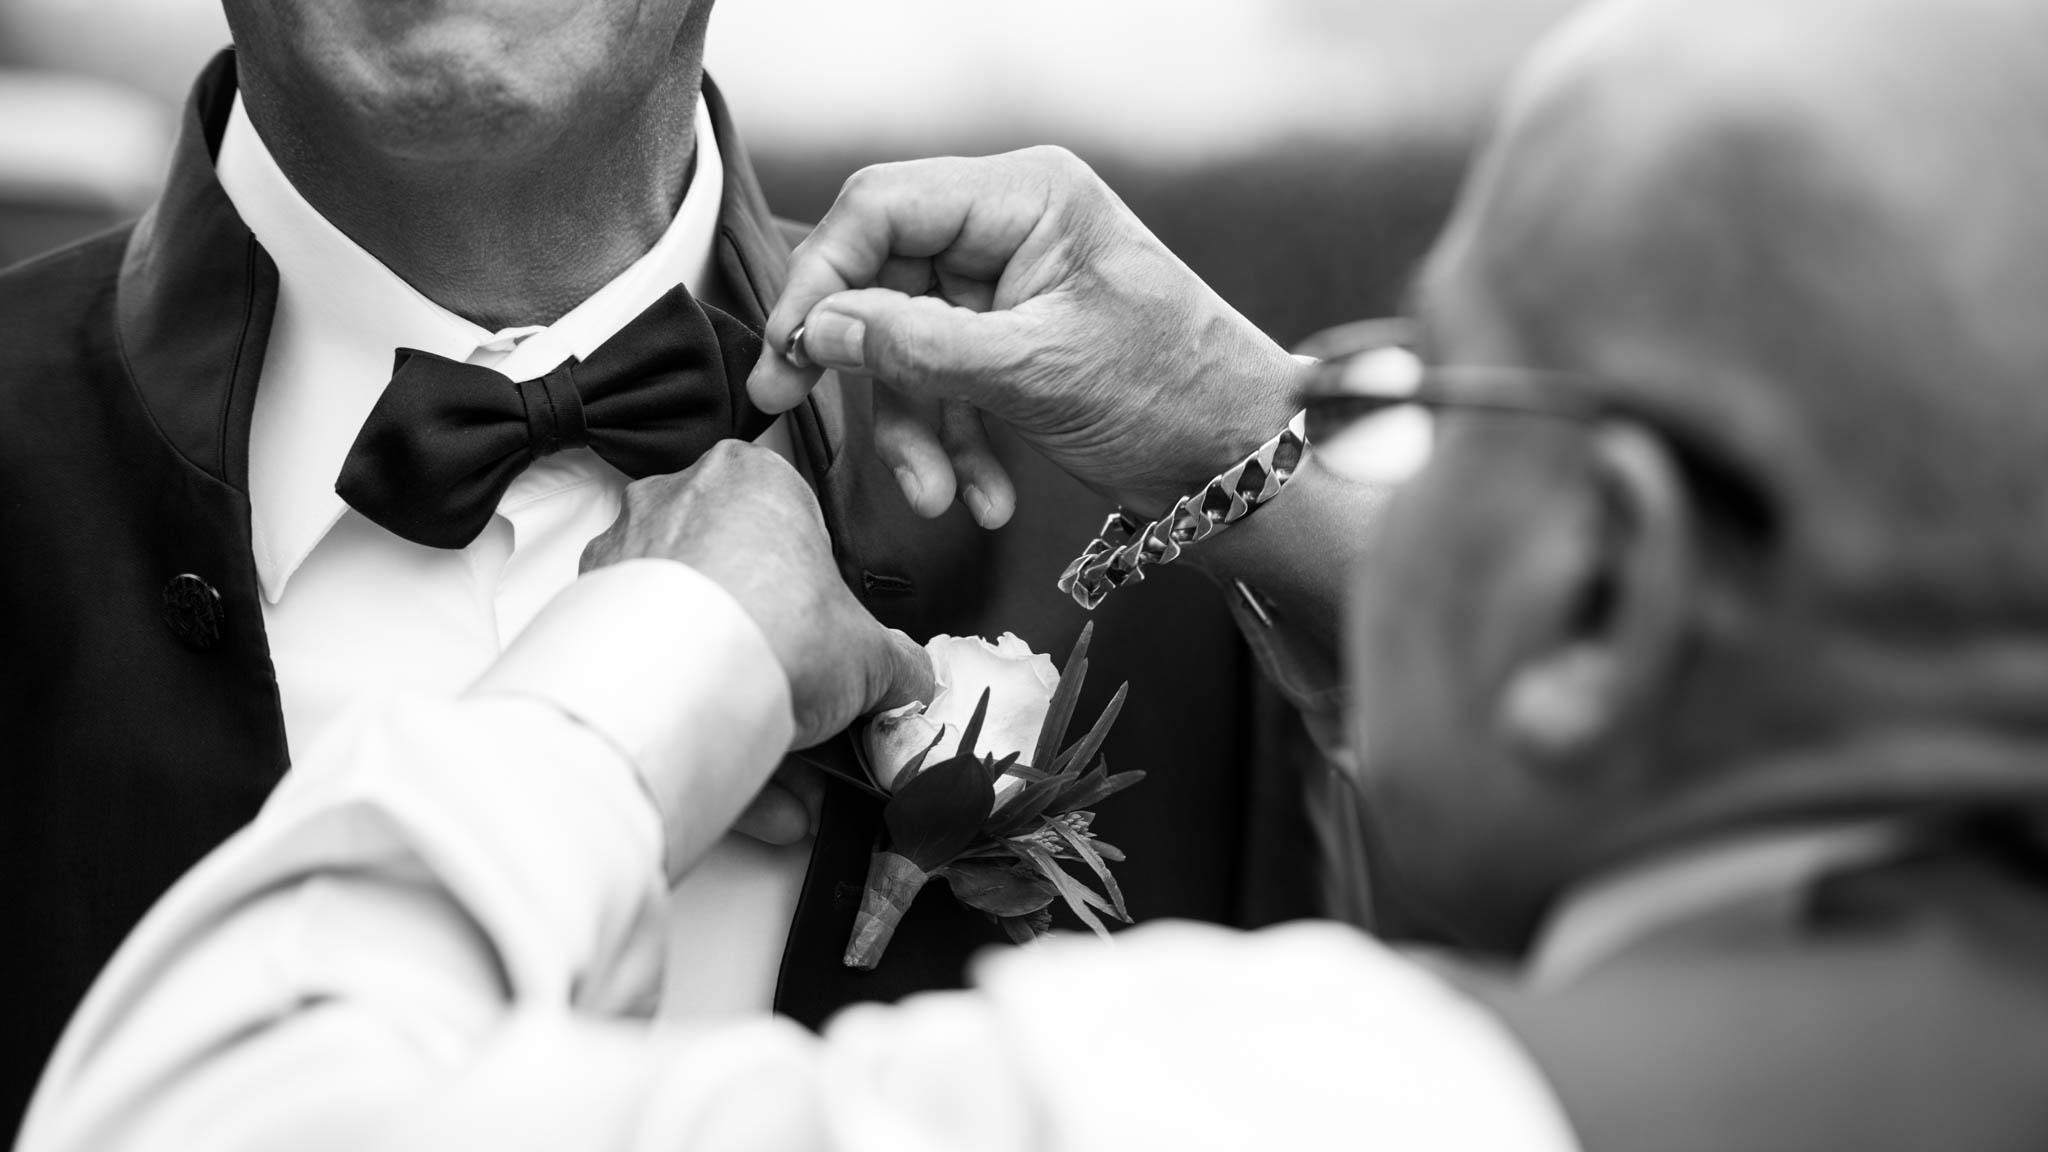 Les systèmes permettant d'attacher les boutonnières ne sont pas toujours pratiques. Heureusement, le maître de cérémonie les connait tous. Il a même ses favoris.